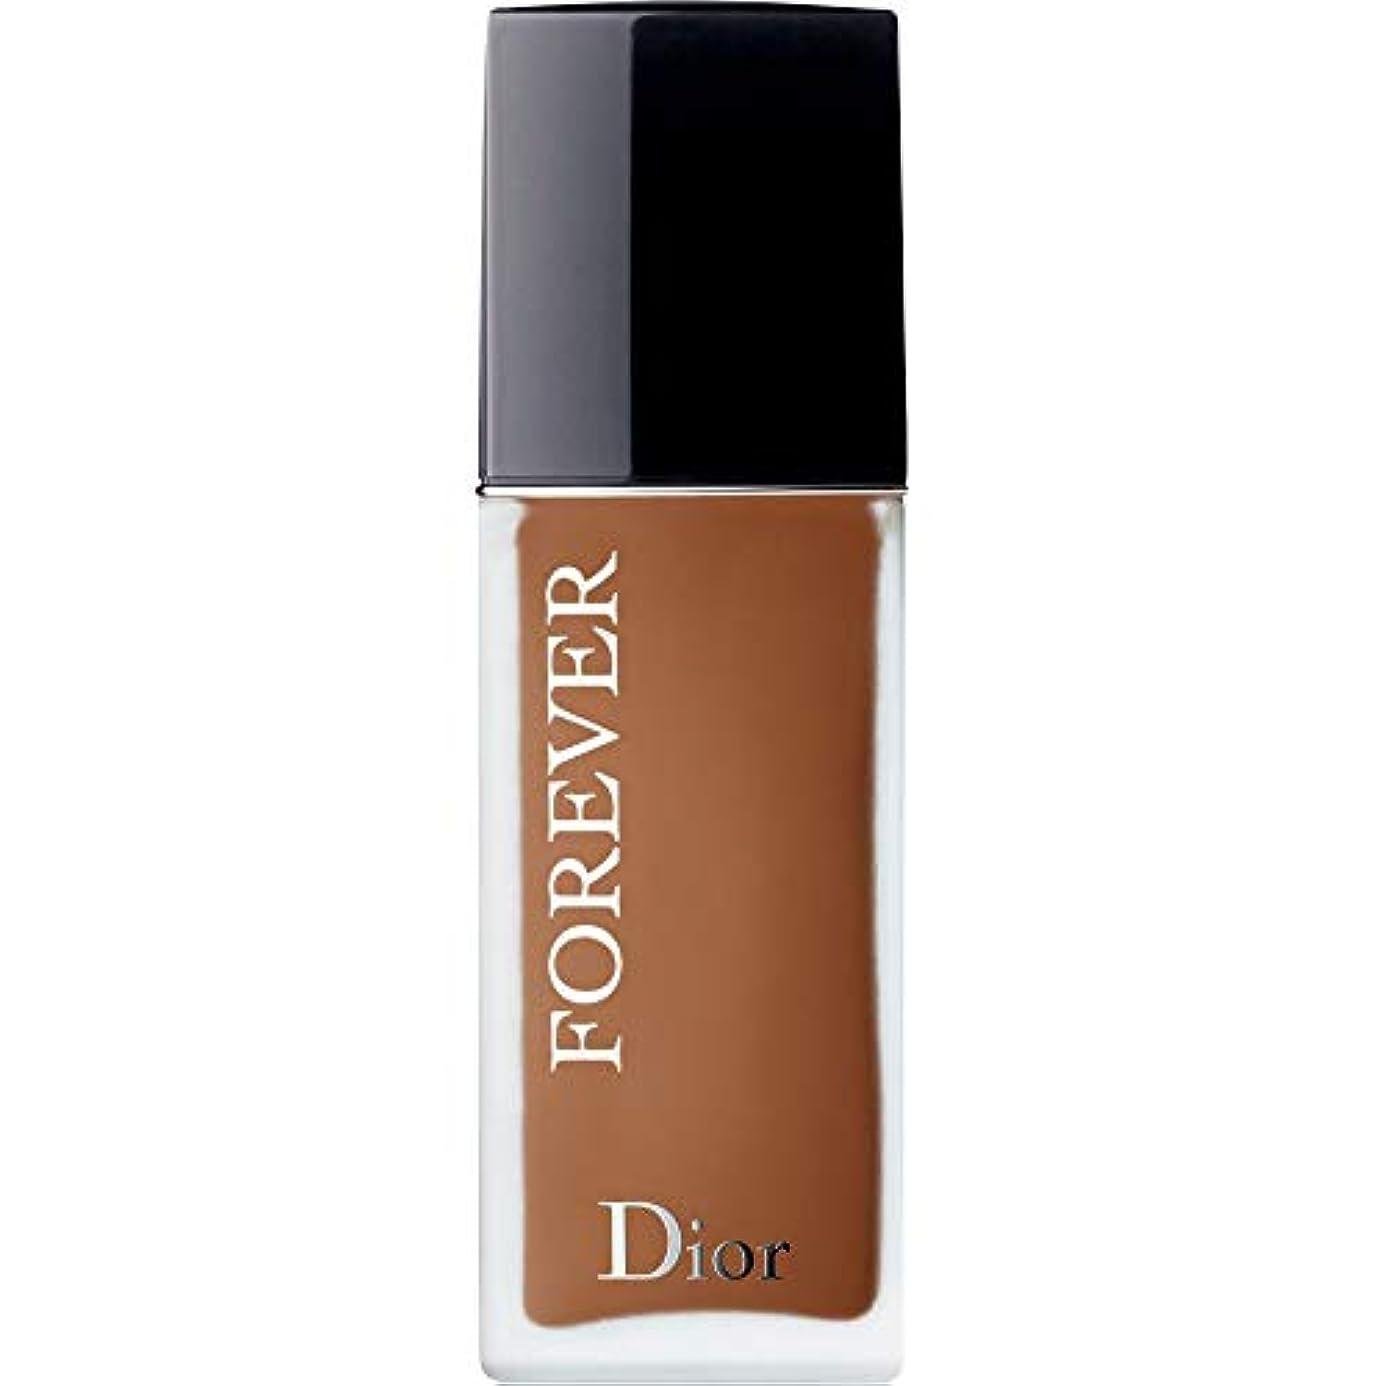 離婚海外トリッキー[Dior ] ディオール永遠皮膚思いやりの基盤Spf35 30ミリリットルの6.5N - ニュートラル(つや消し) - DIOR Forever Skin-Caring Foundation SPF35 30ml 6.5N - Neutral (Matte) [並行輸入品]